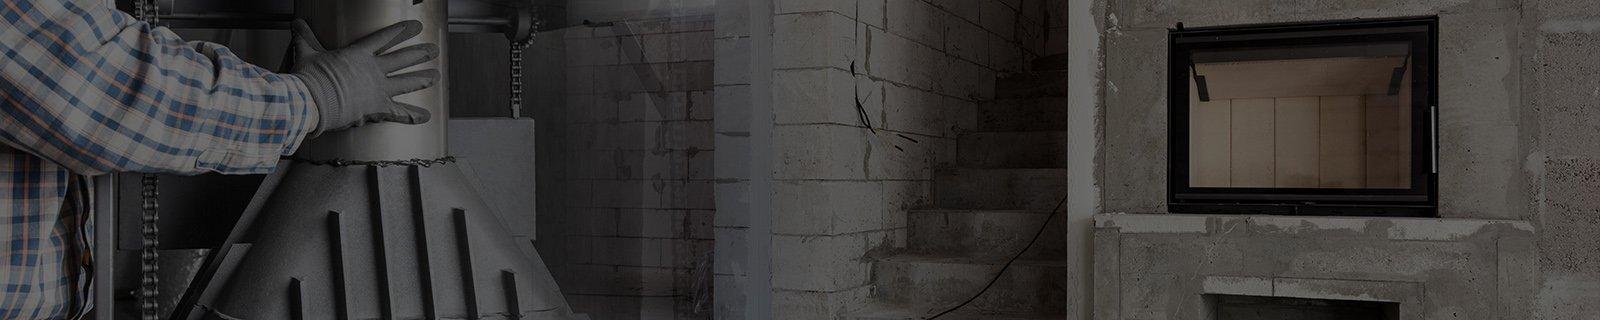 Вентиляционные решетки купить в Киеве. Установка, монтаж. Заказать. Цены, фото, сайт - Kaminoff